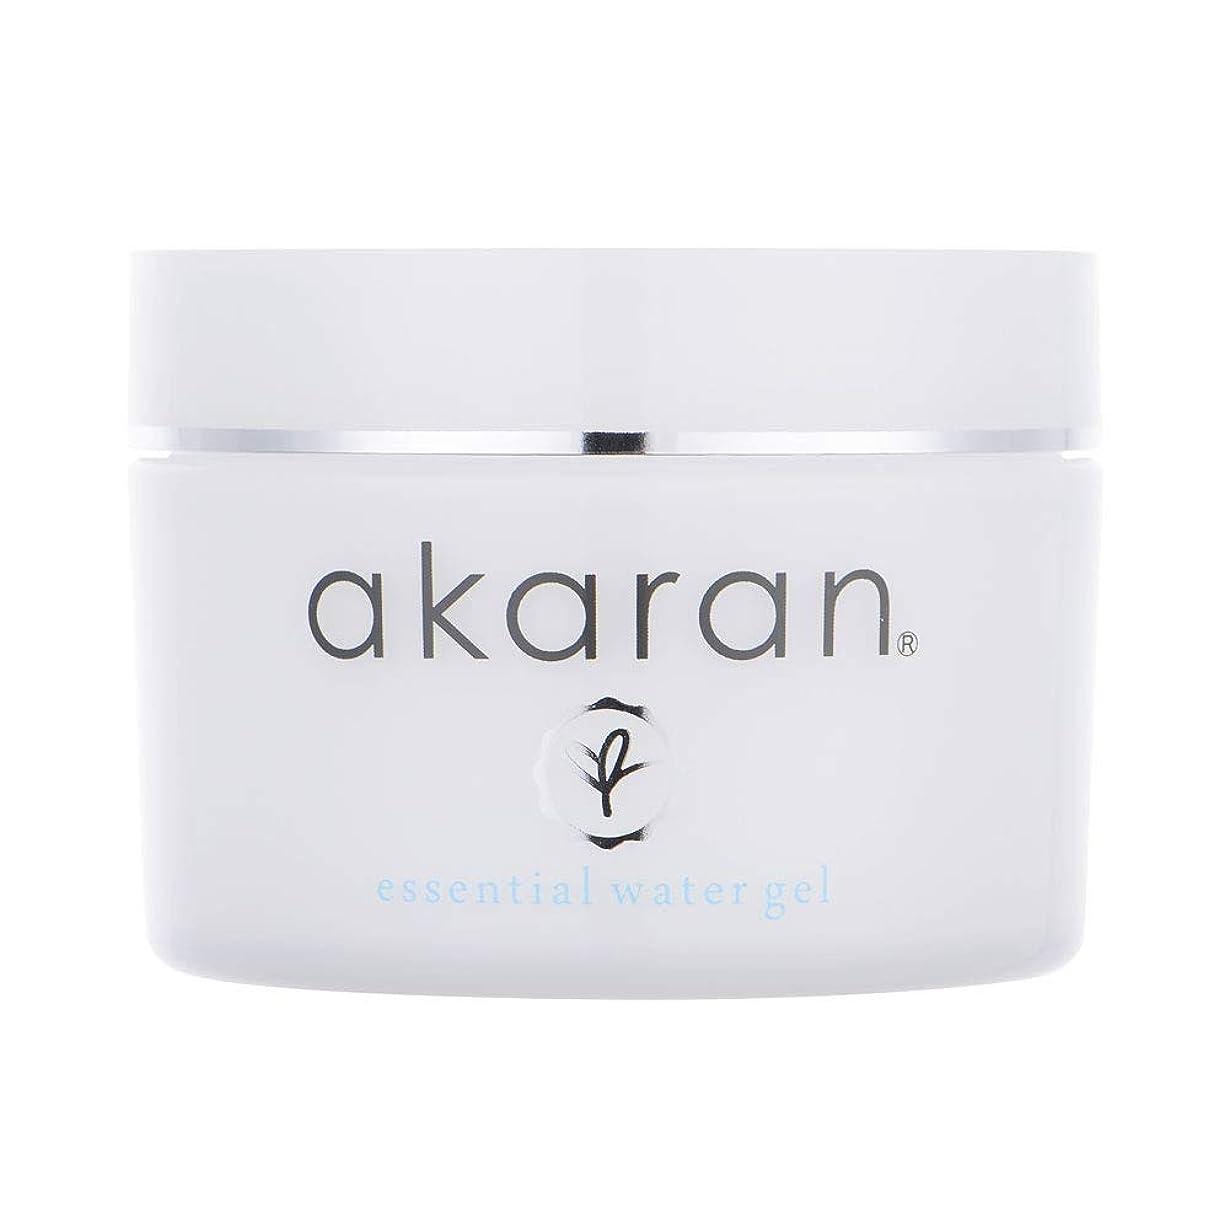 版蜜減らすアカラン エッセンシャルウォータージェル 120g オイルフリー 美容成分 無添加 高保湿オールインワン 敏感肌 乾燥肌